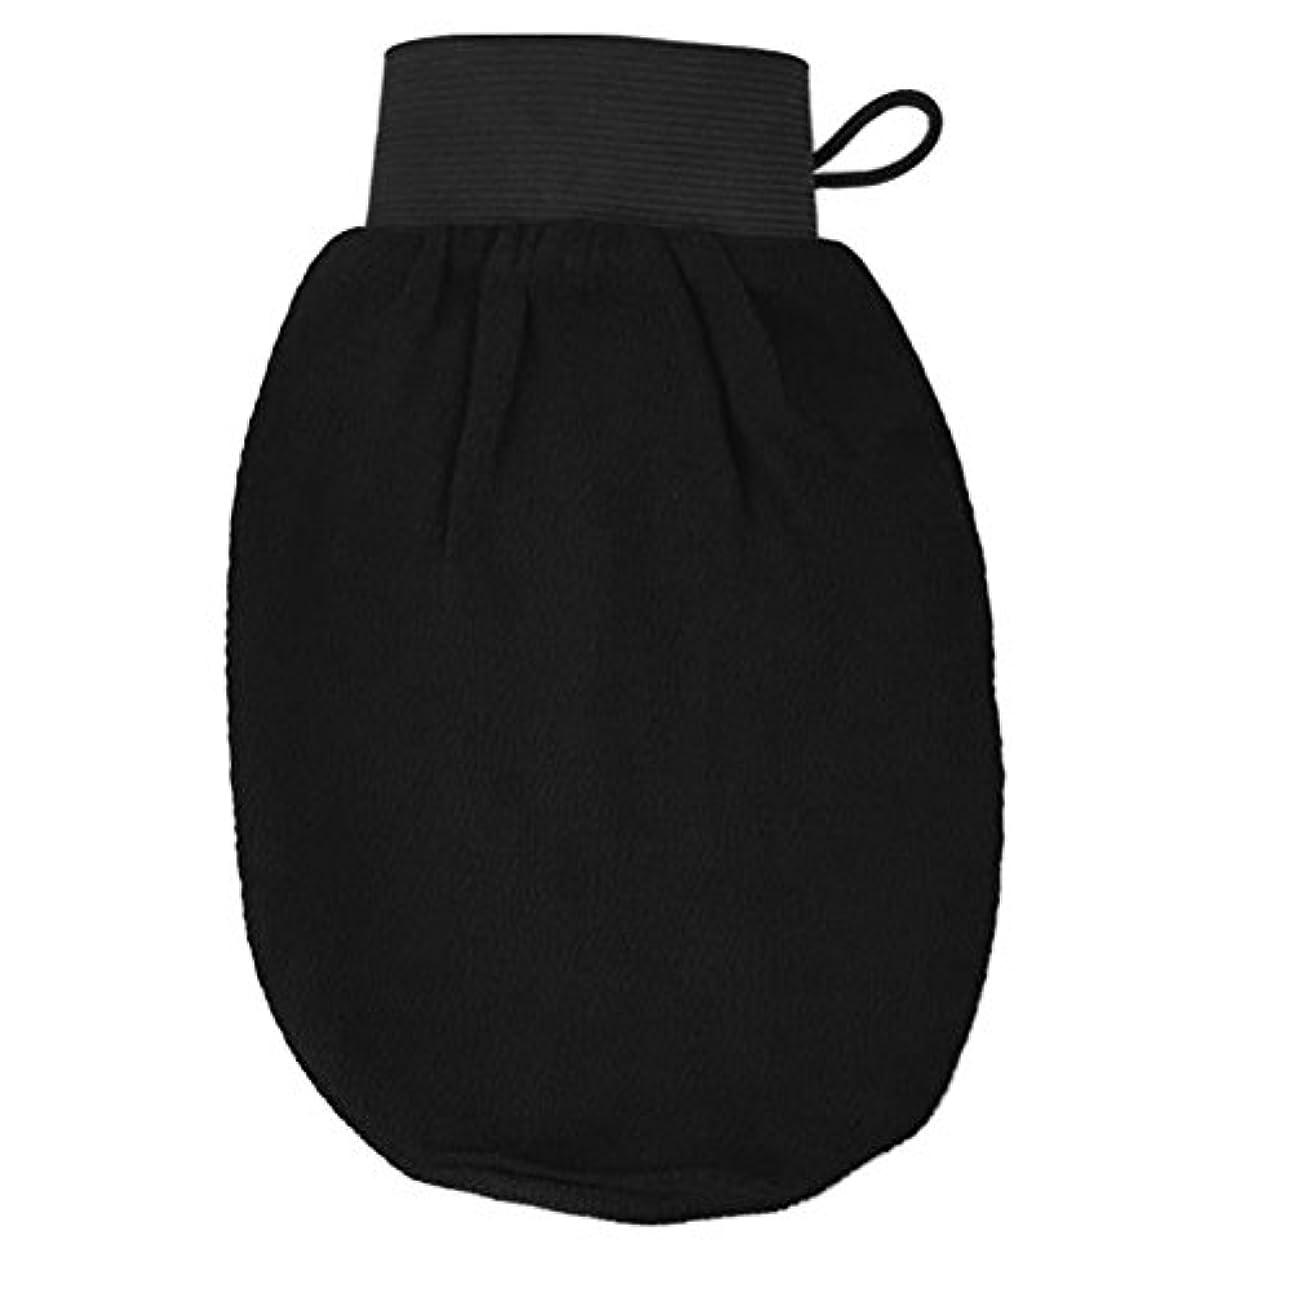 コンソール寄託プレーヤーROSENICE バスグローブ 浴用グローブ 角質取り 泡立ち 垢擦り 手袋 マッサージ ボディウォッシュ シャワー バスルーム 男女兼用 バス用品(ブラック)